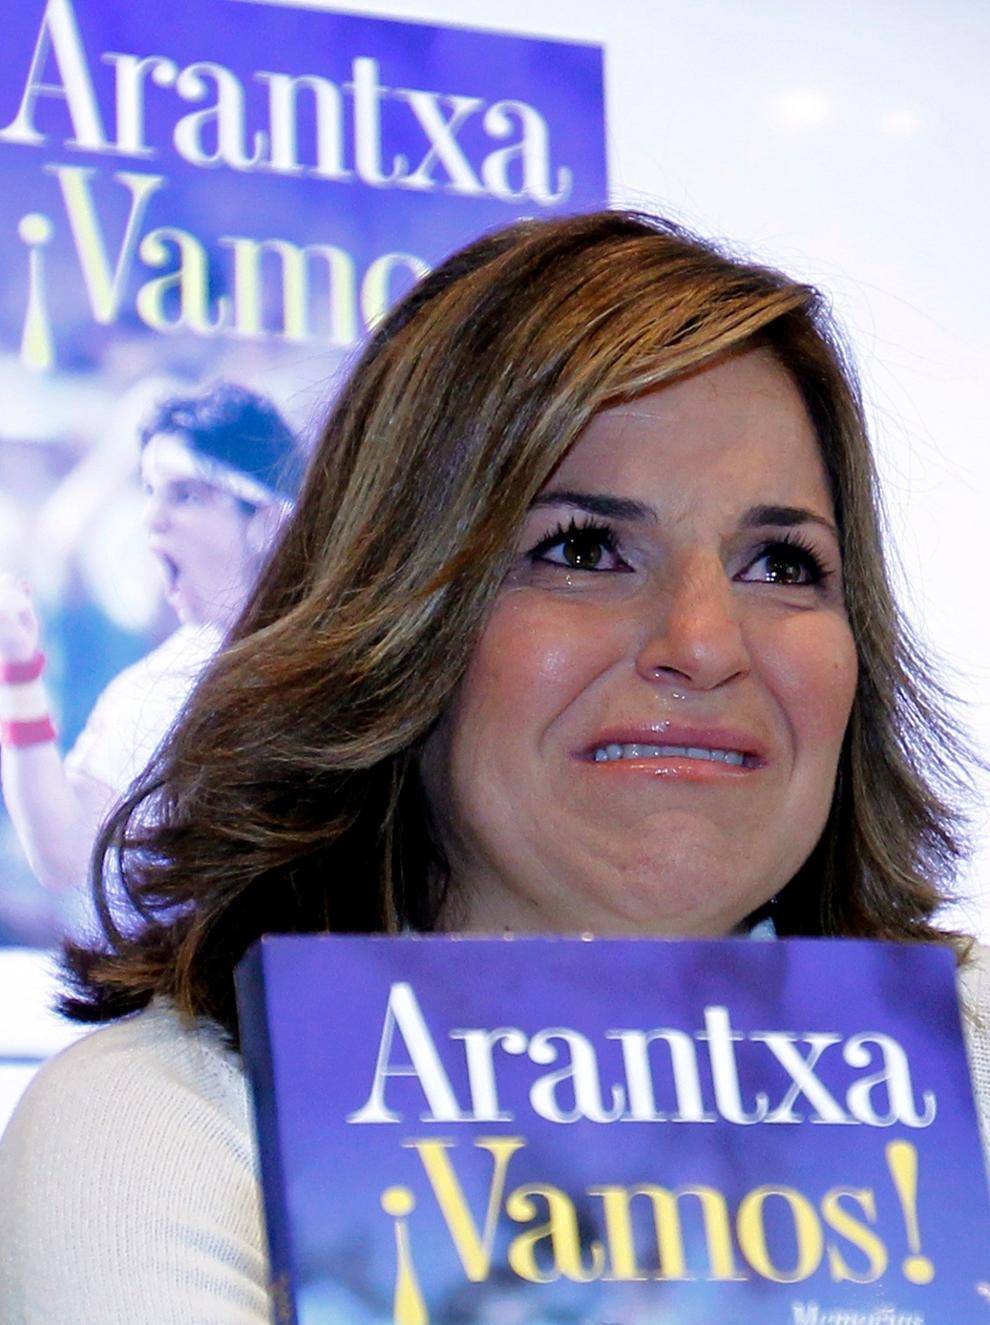 La vida de Arantxa Sánchez Vicario en Conexi³n Samanta